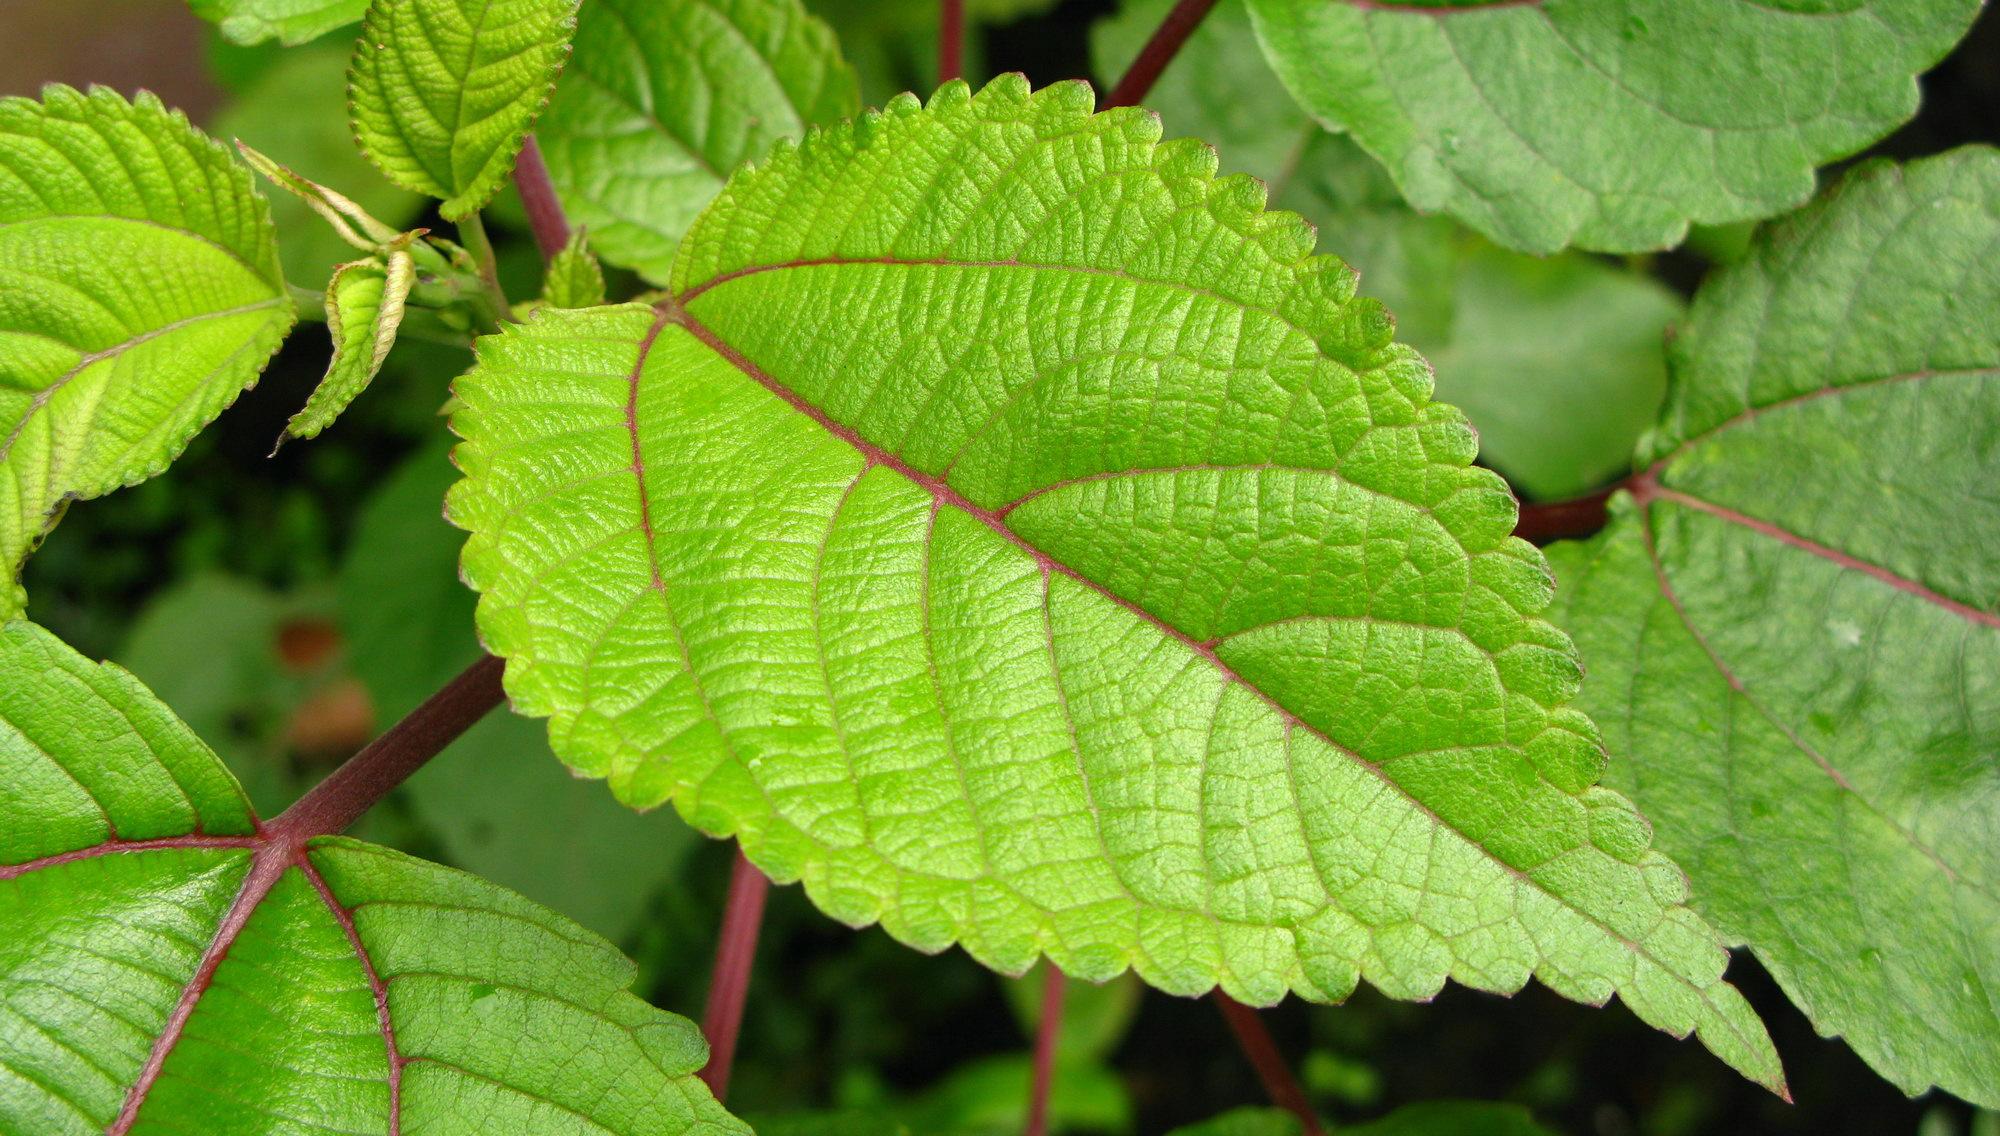 Pipturus albidus - Mamaki Leaf